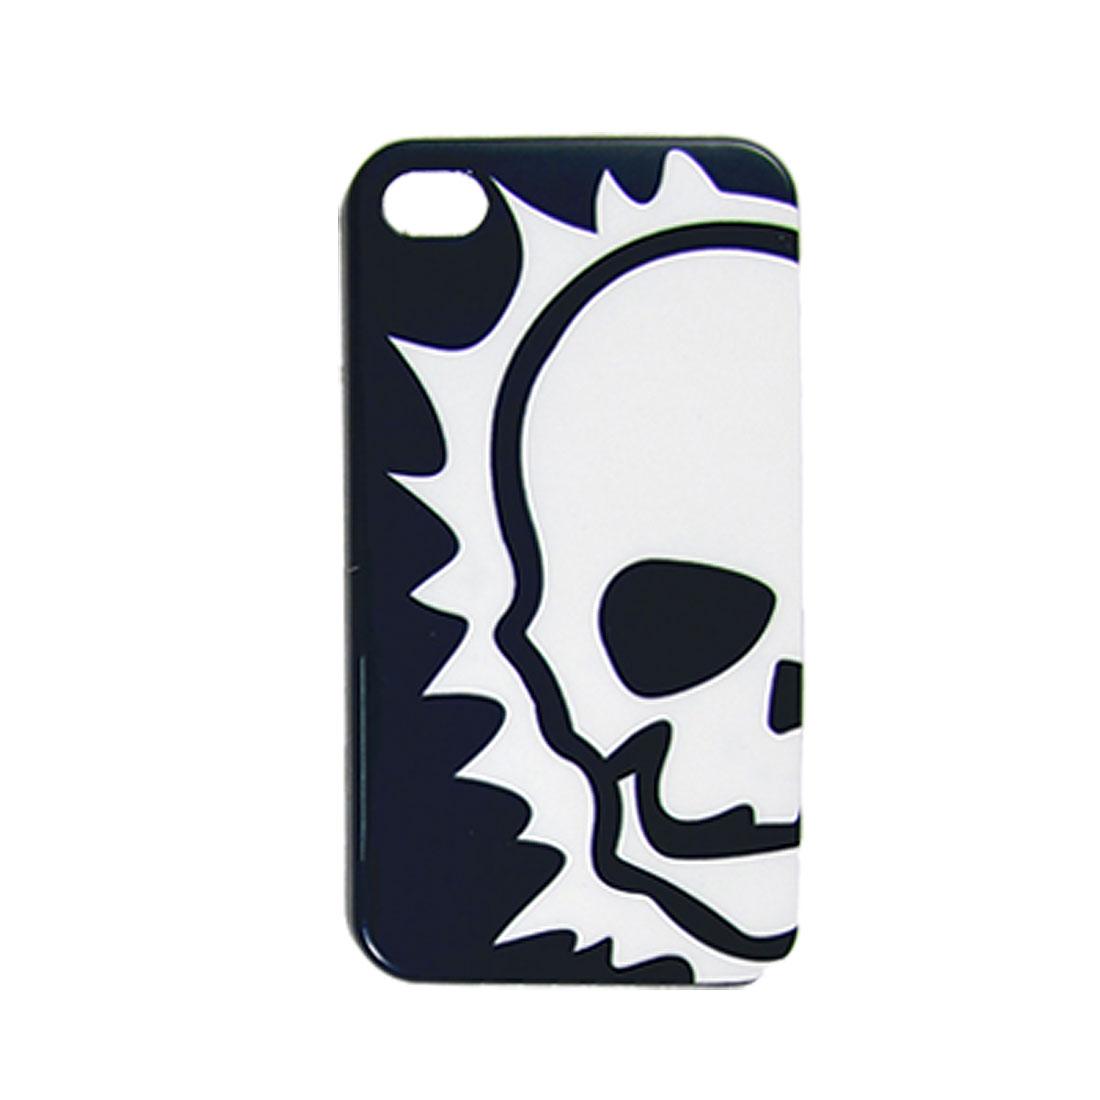 IMD Skull Print Hard Plastic Back Case for iPhone 4 4G